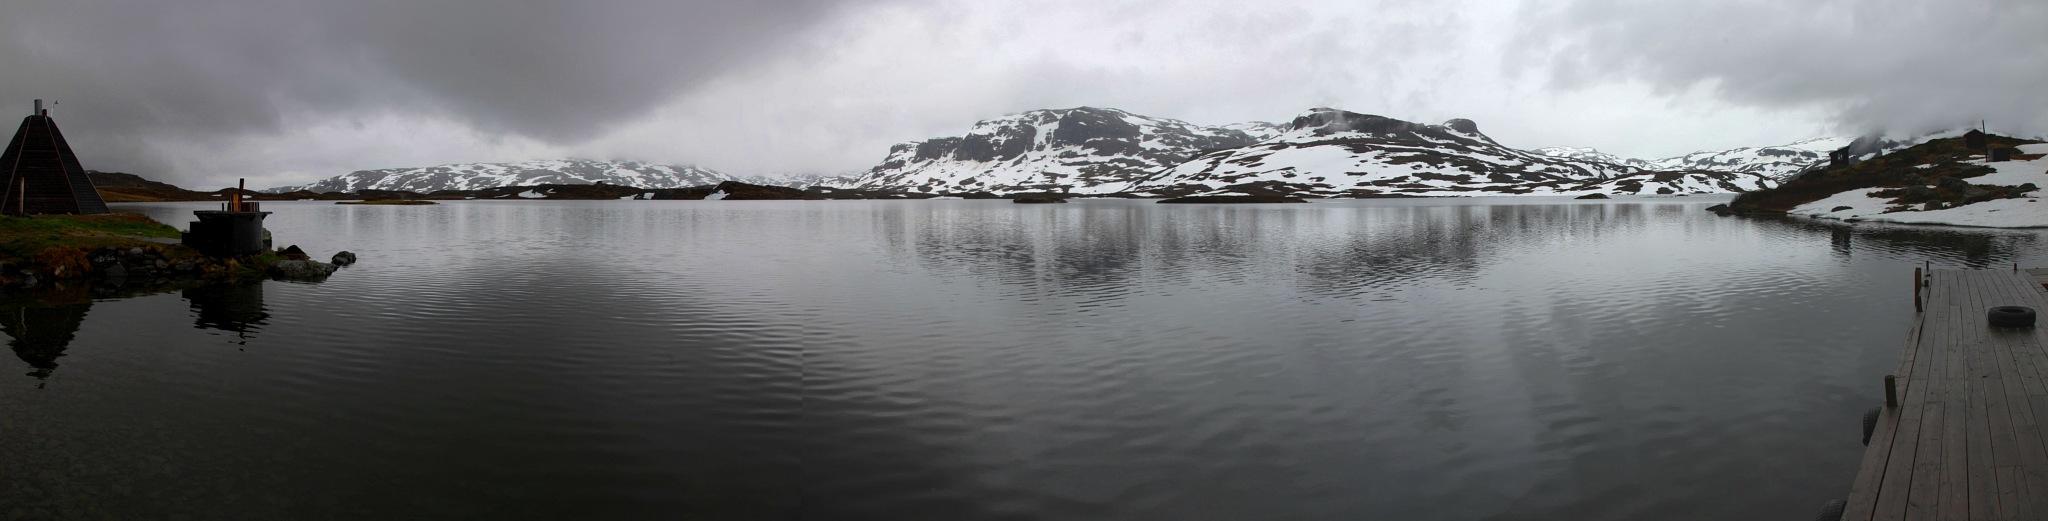 Icy Lake by basel.badran